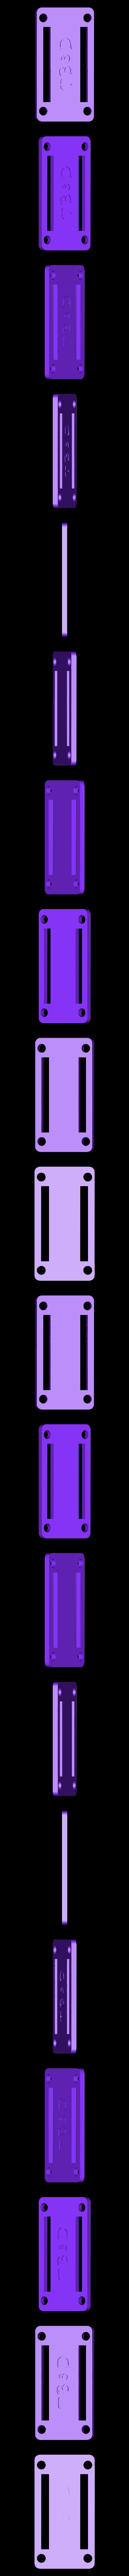 box_2-charger-_4.2v.STL Télécharger fichier STL gratuit Protection du boîtier Pile au lithium Module de chargement • Objet à imprimer en 3D, TB3D